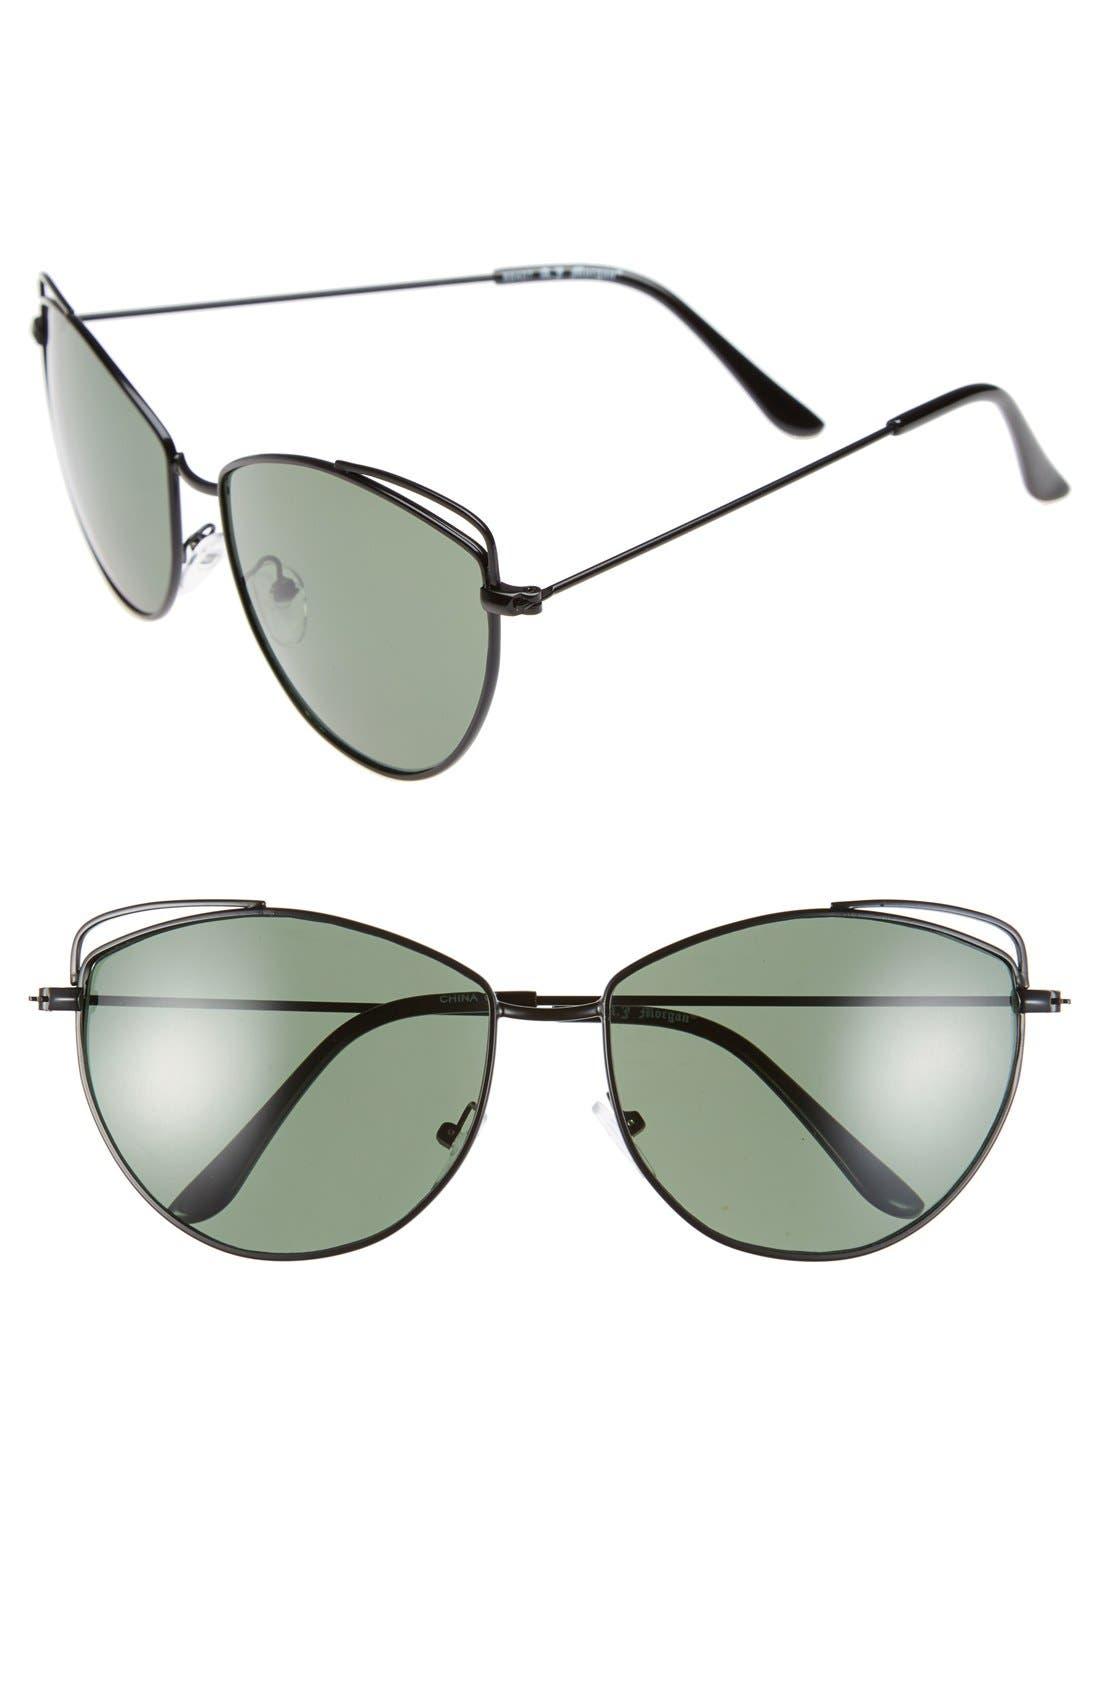 Alternate Image 1 Selected - A. J. Morgan 'Cute' 59mm Sunglasses